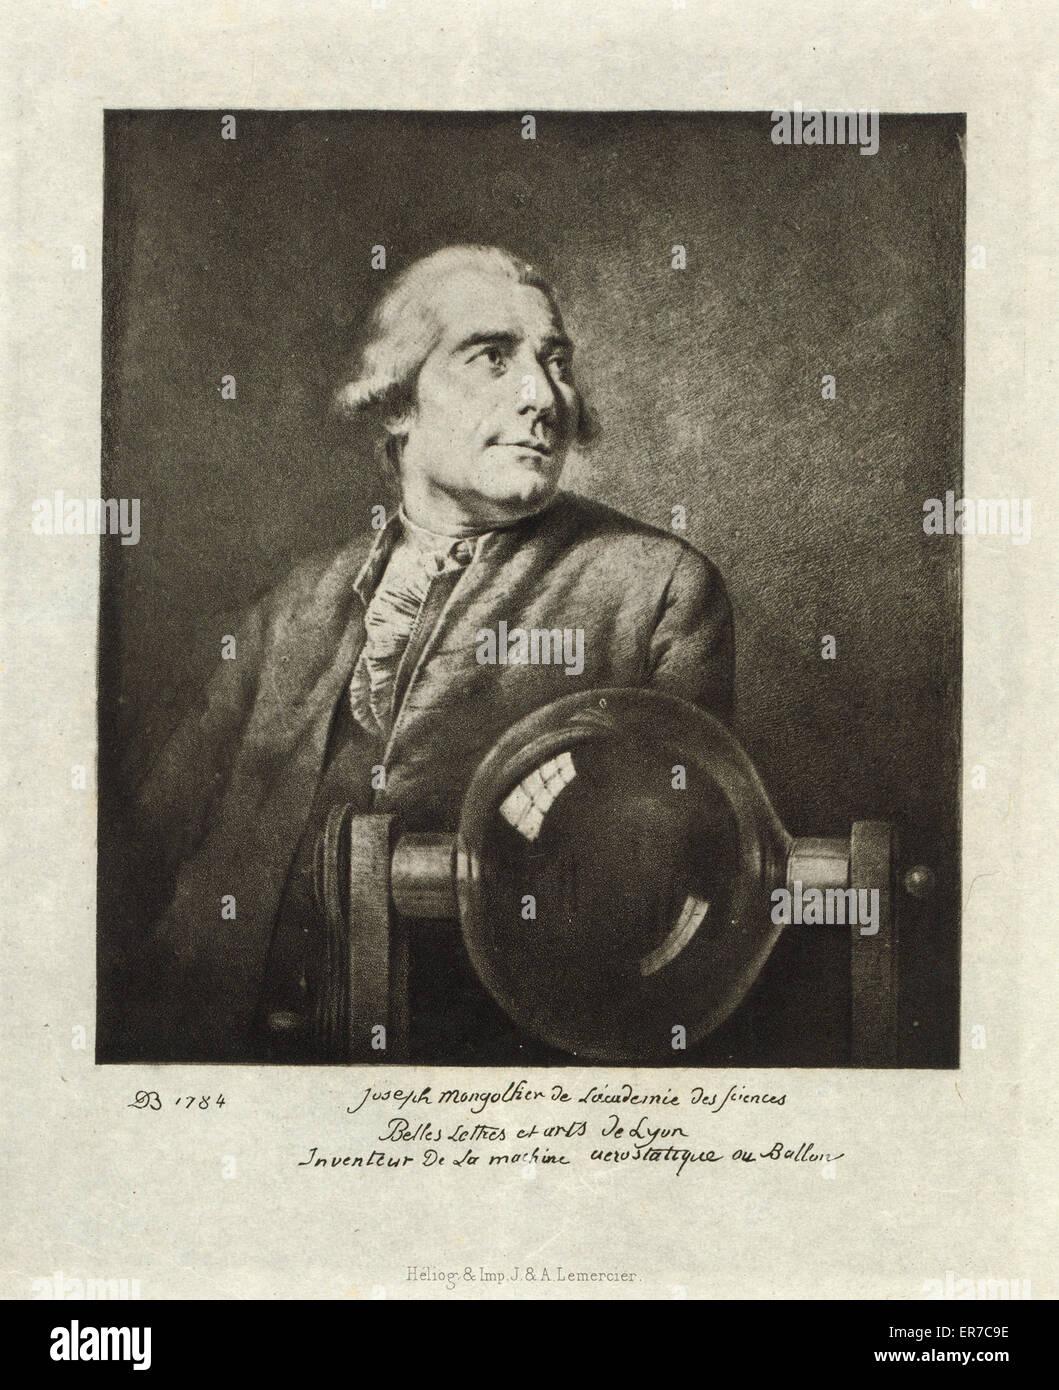 Joseph Montgolfier de l'Academie des sciences, belles lettres, et artes de Lyon, inveniteur de la machine aerostatique - Stock Image